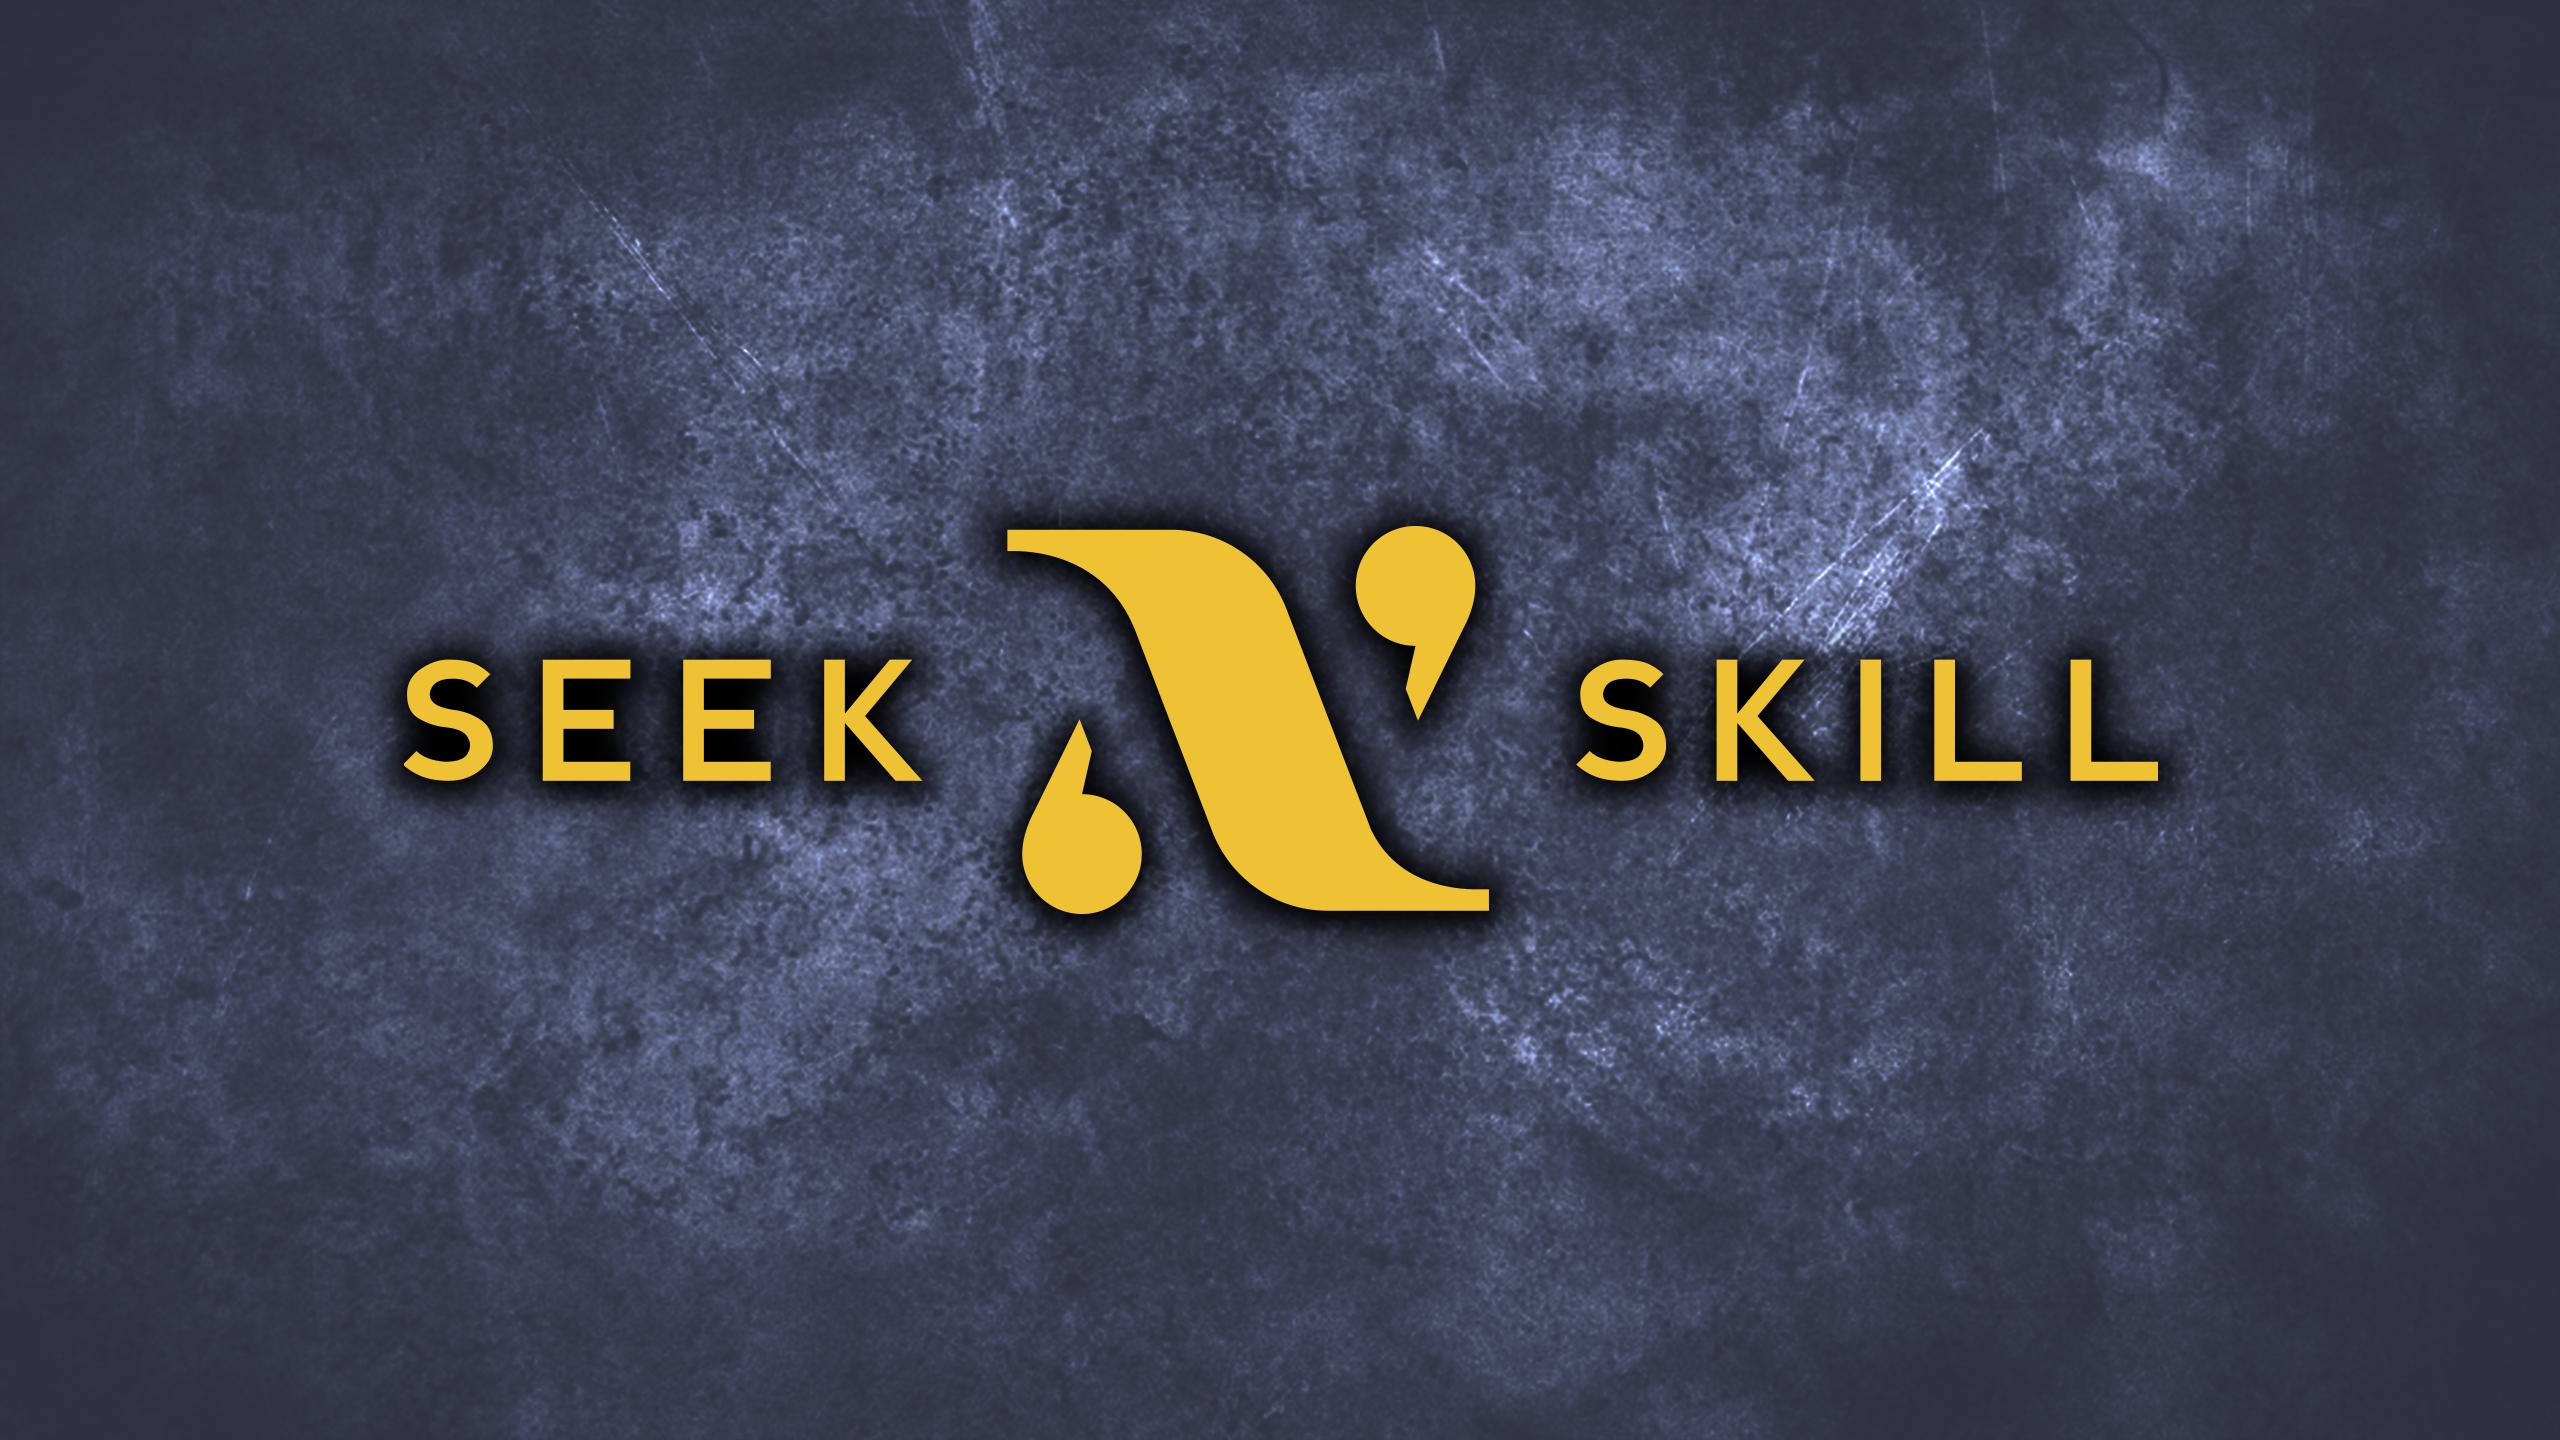 Seek n' Skill